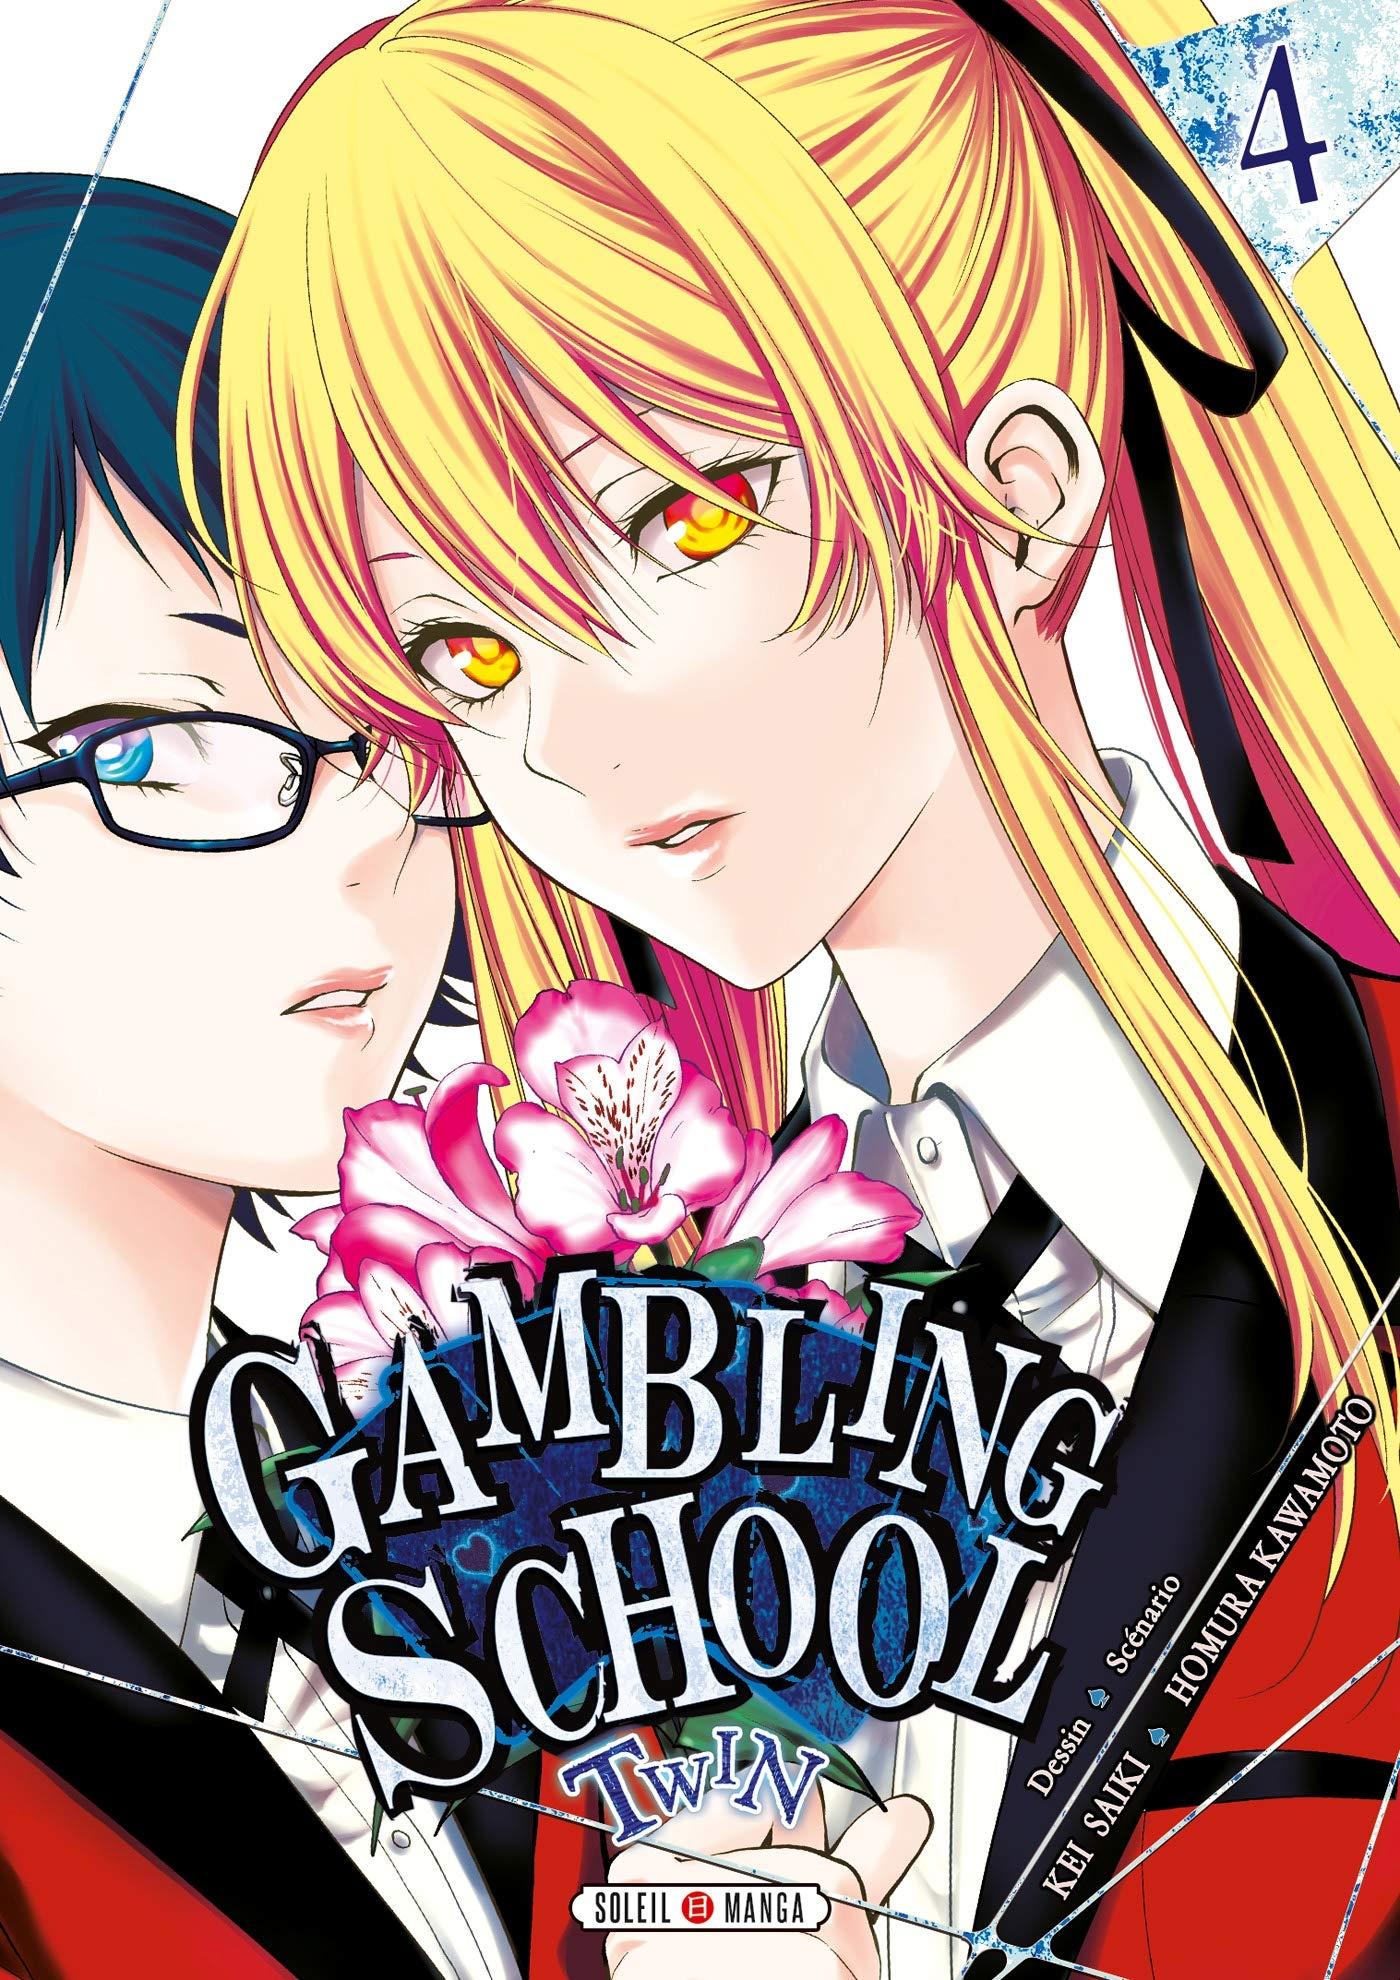 Gambling School - Twin